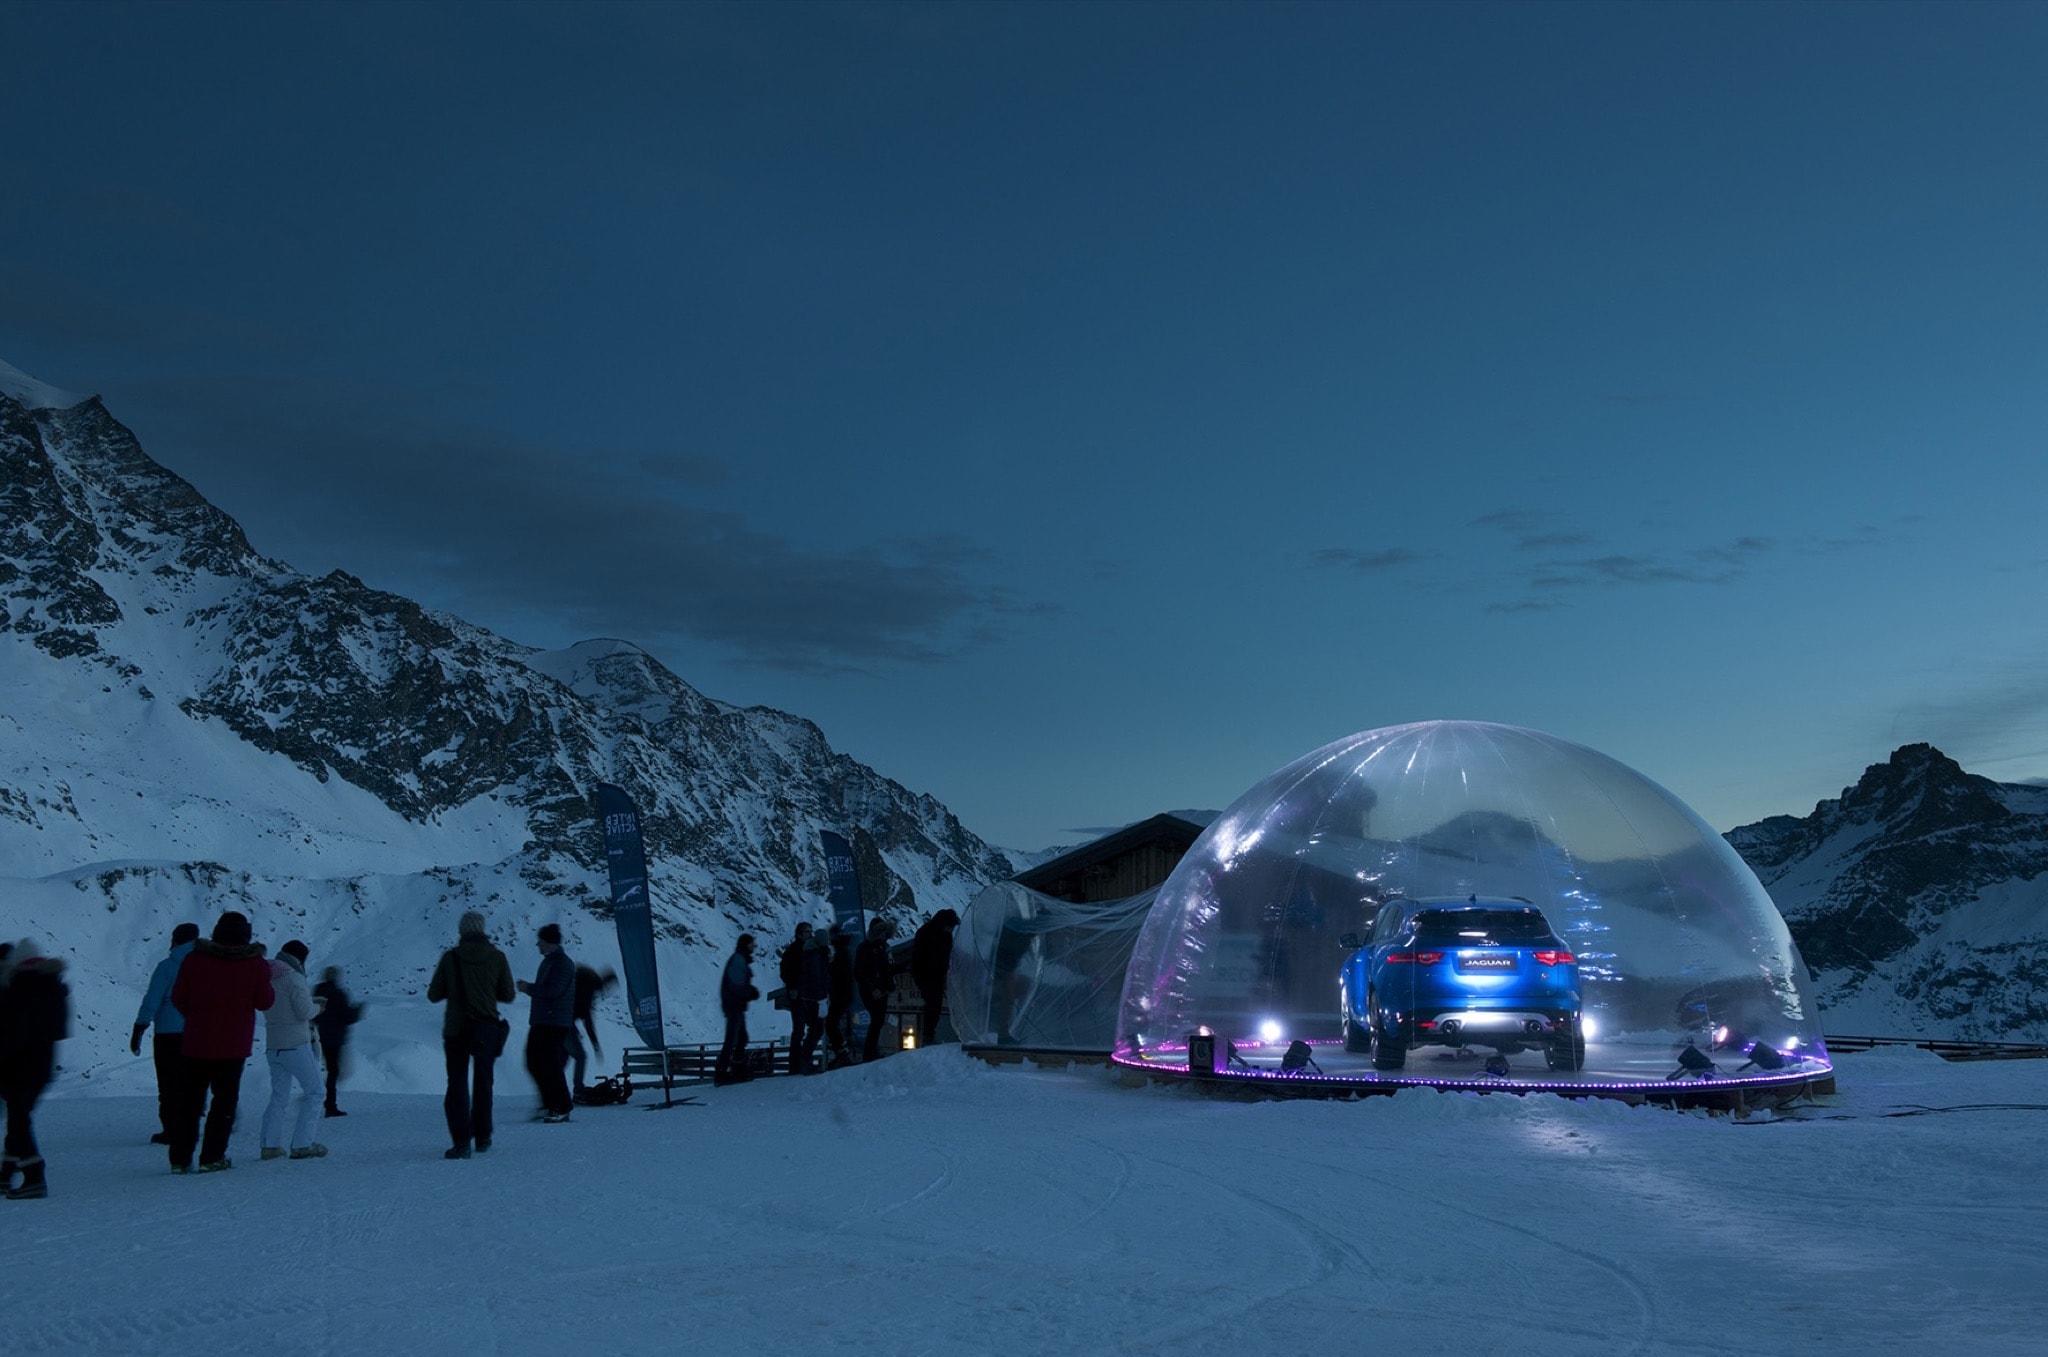 Les Arcs European Film Festival image